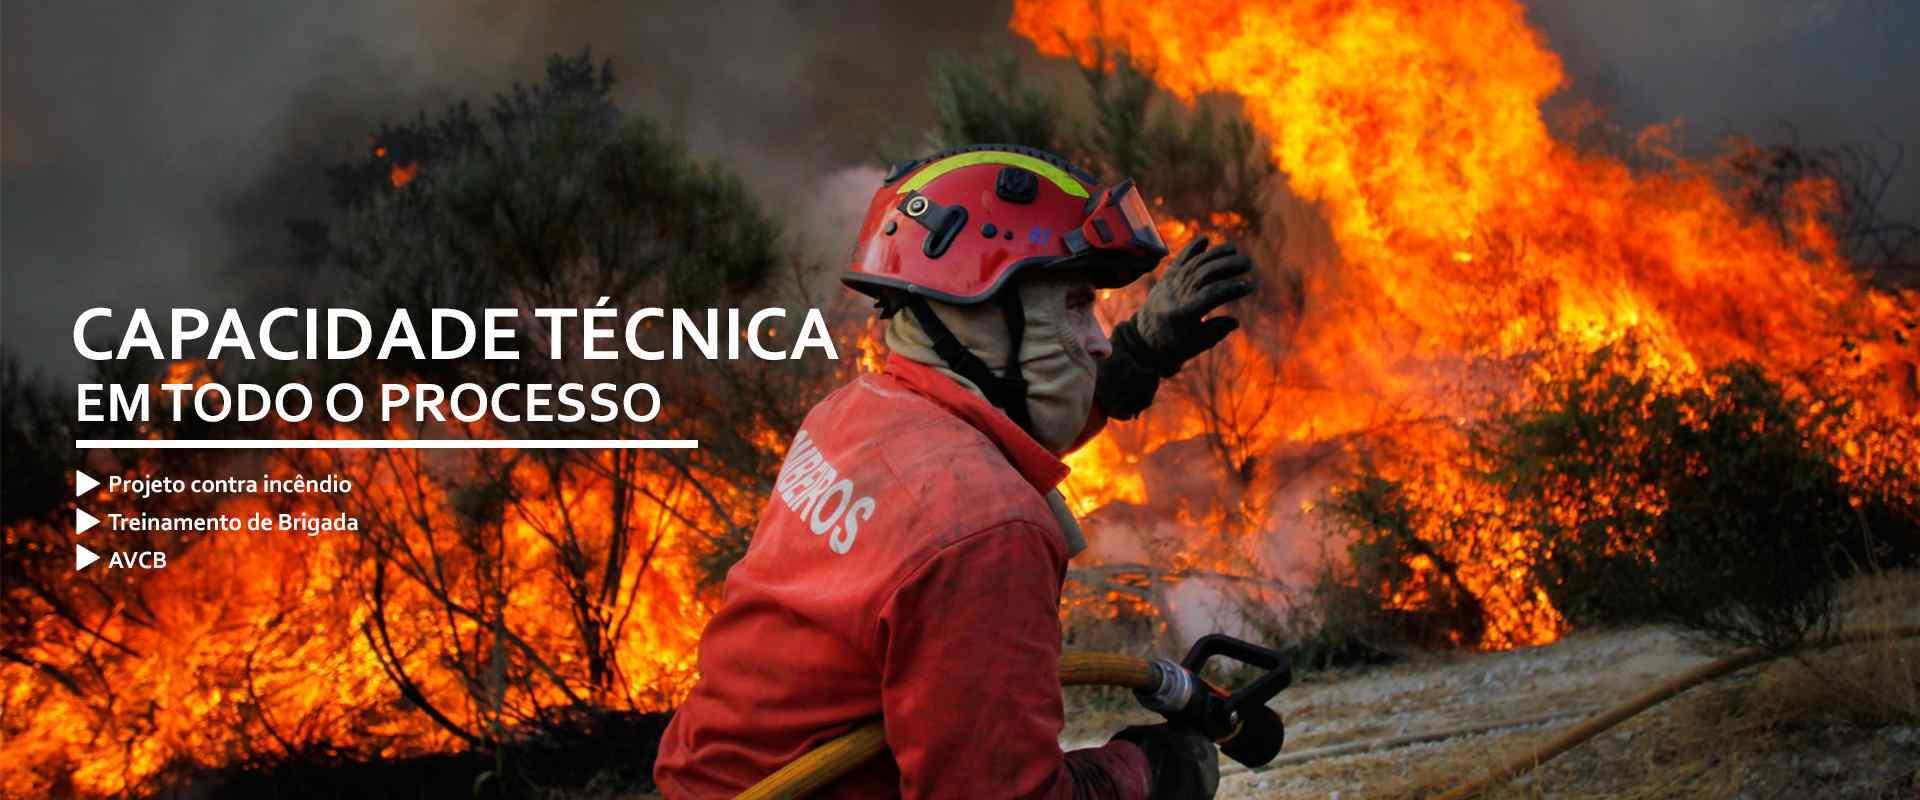 Treinamento-brigada-incêndio